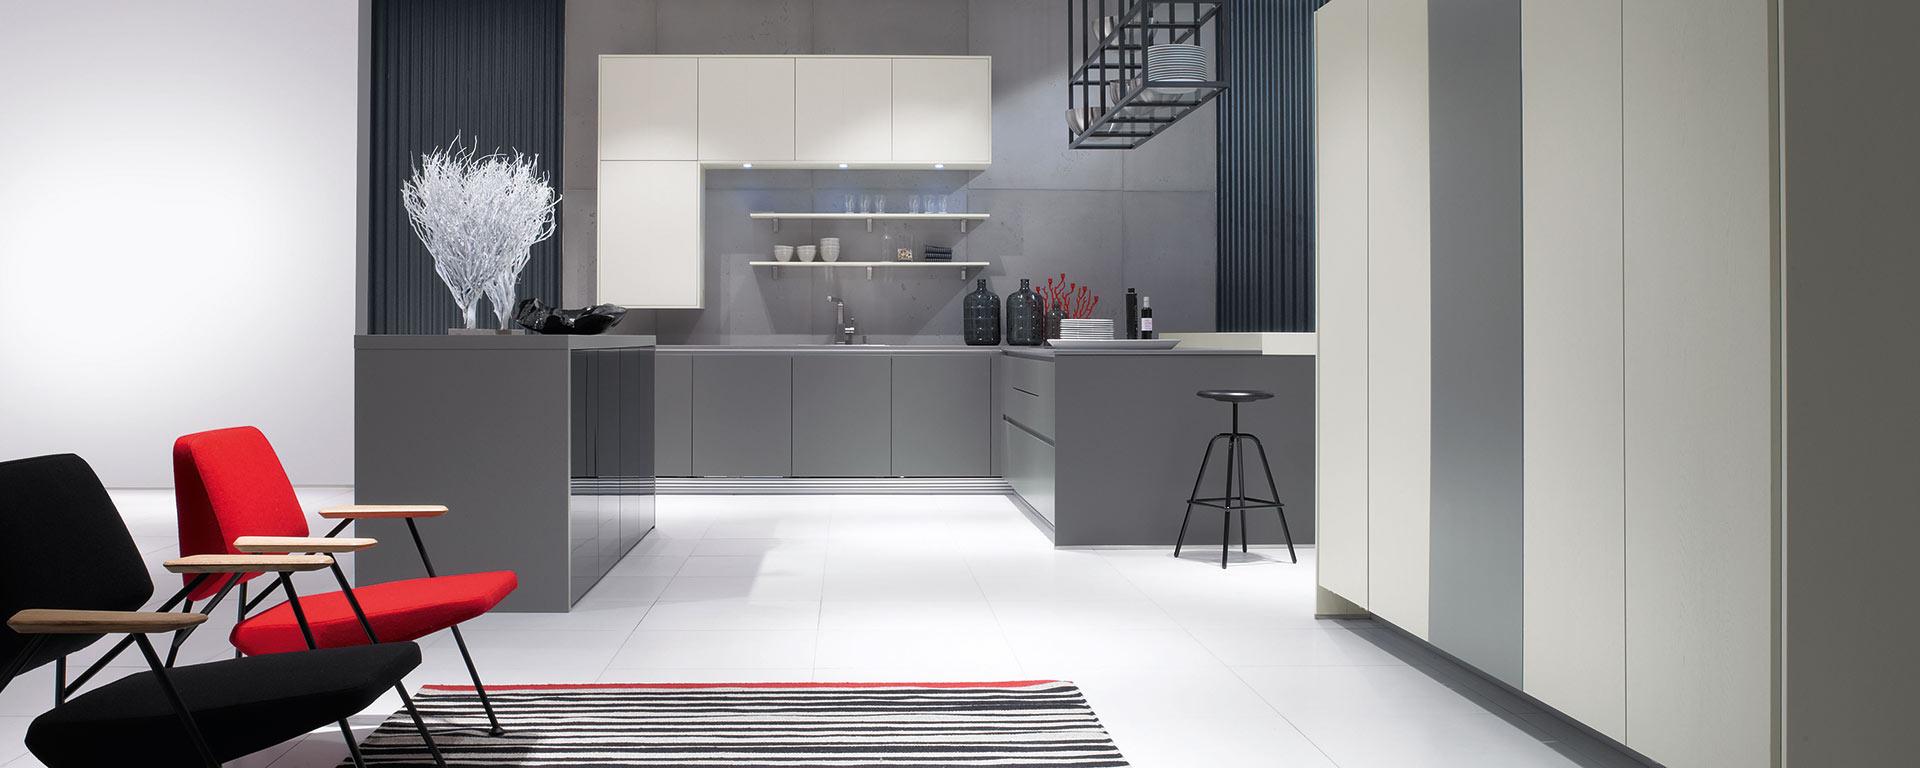 Klassische Küchen | Einbauküchen | Küchen | Küchenstudio | Berlin